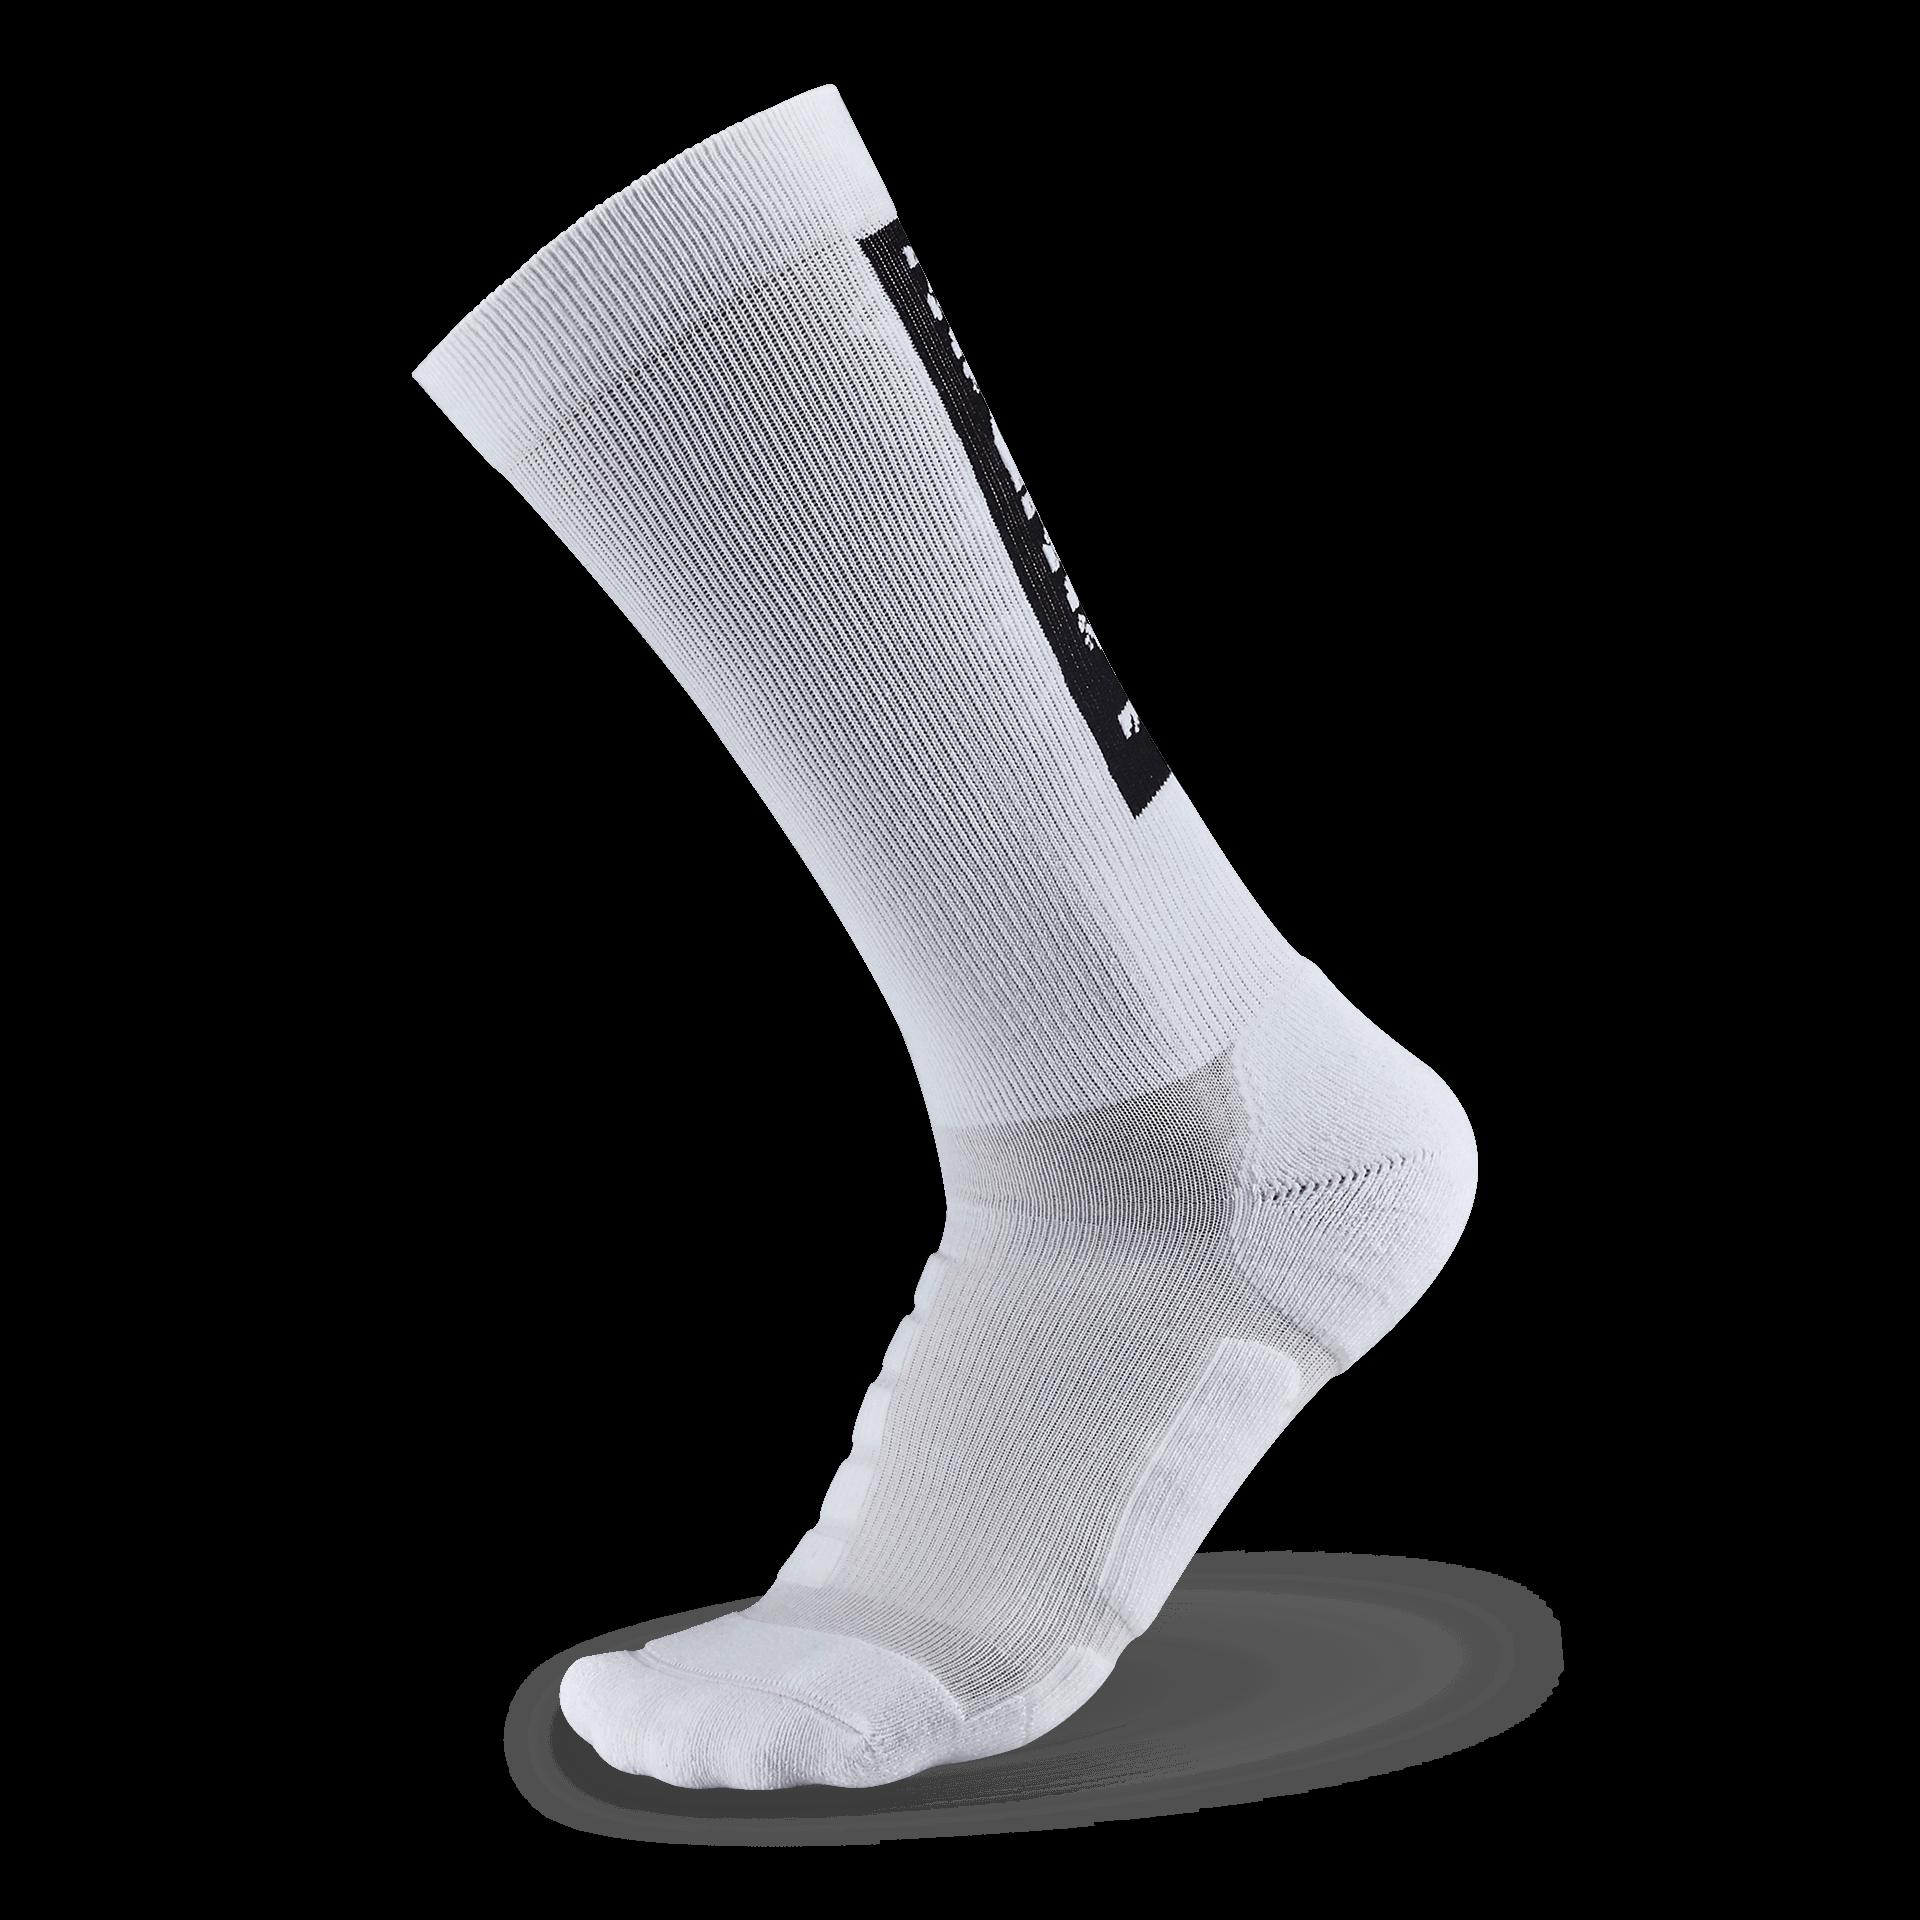 功能慢跑襪-世界六大城市馬拉松